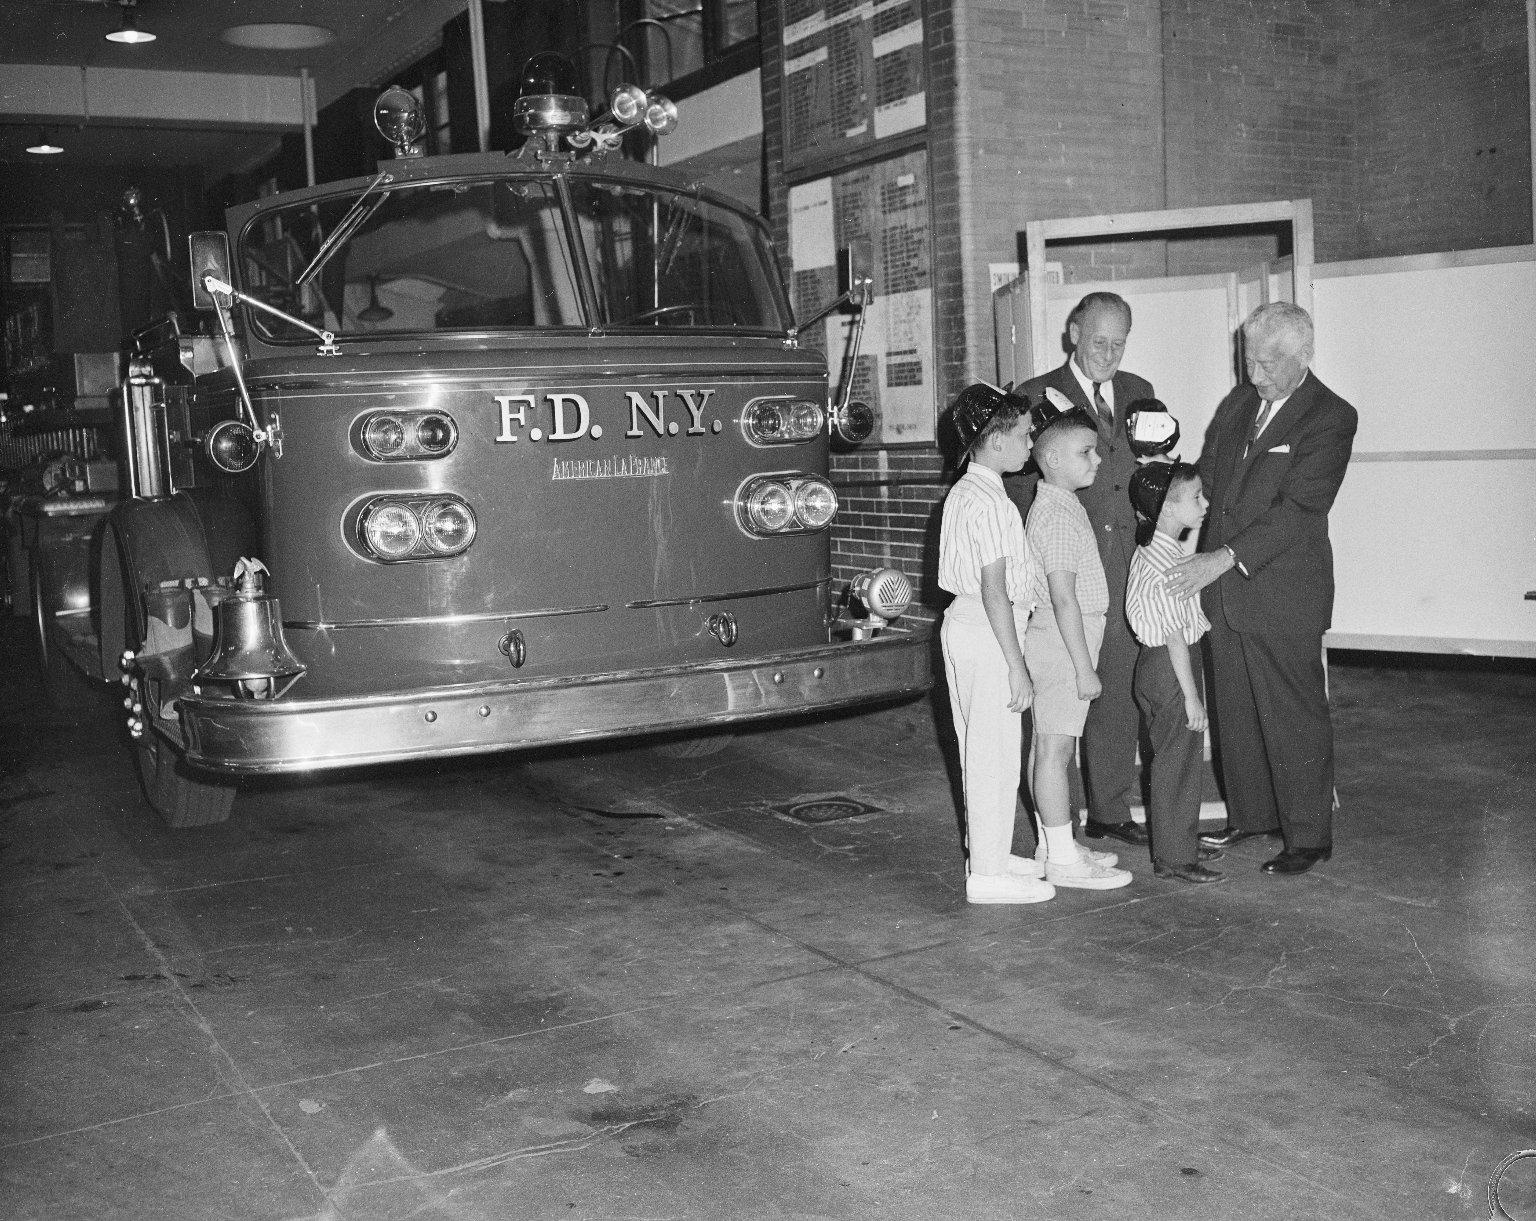 Детская экскурсия по пожарной части. Нью-Йорк, США. 1950-е